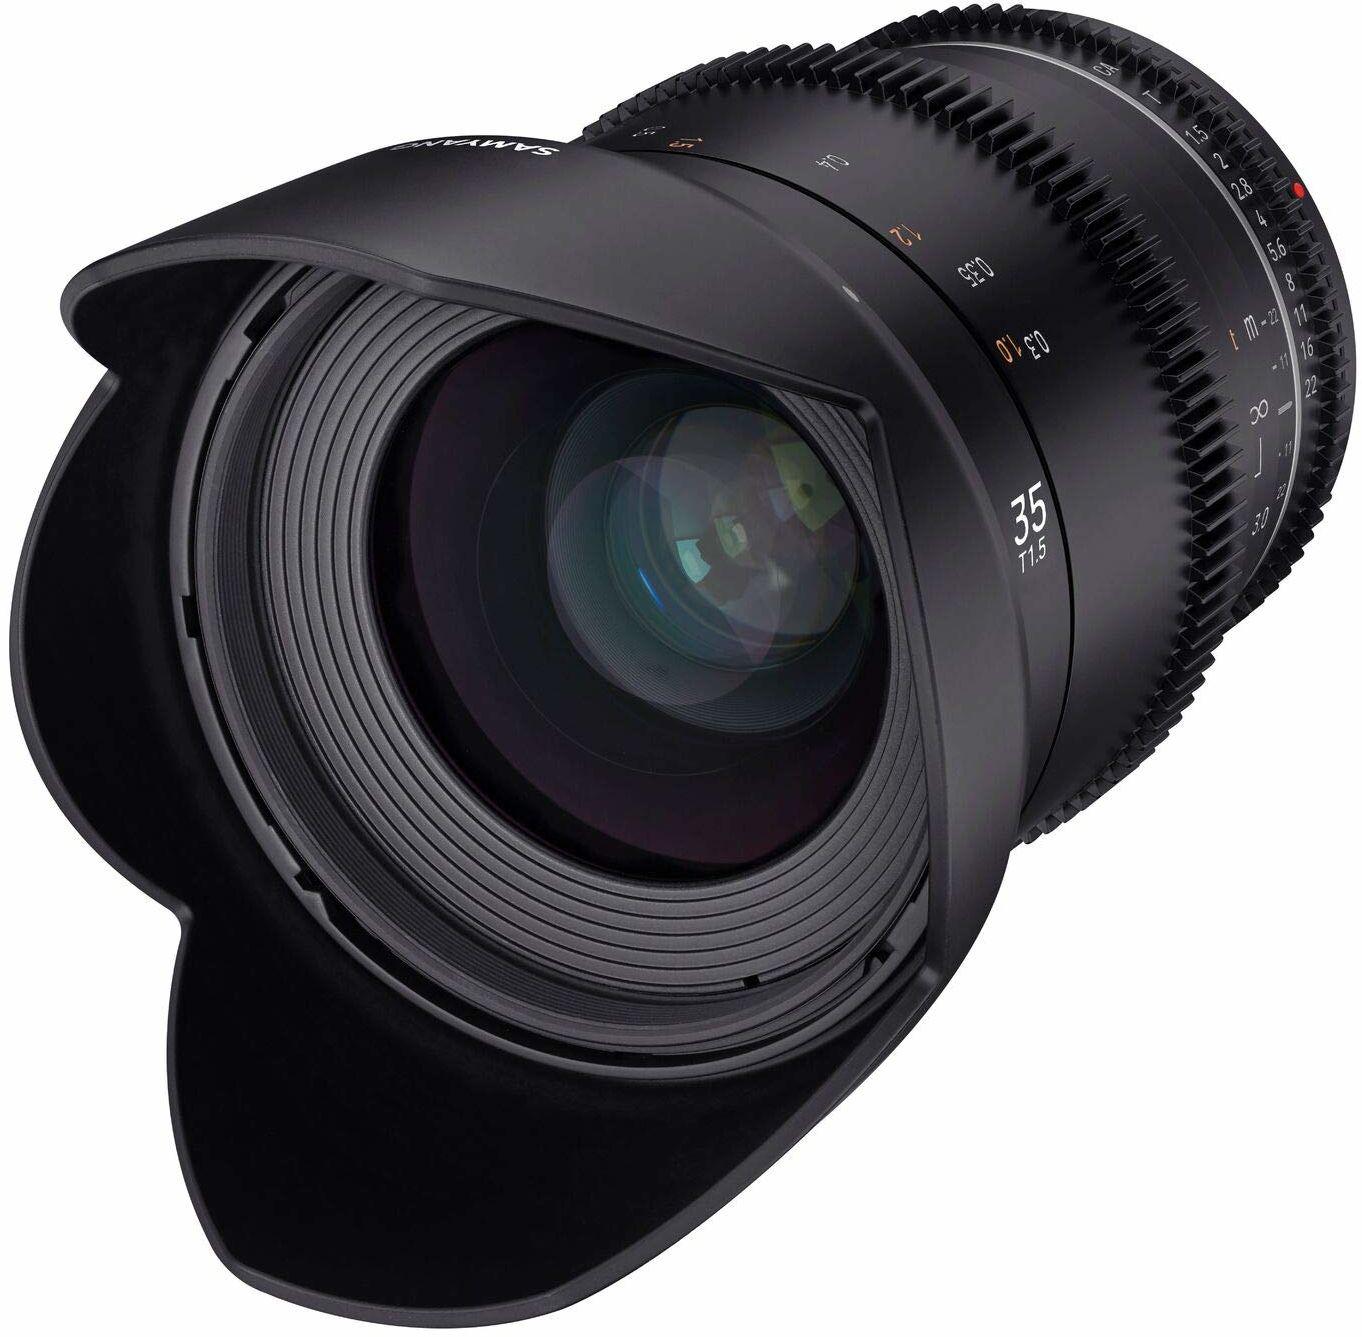 Samyang MF 35 mm T1,5 VDSLR MK2 MFT  szerokokątny obiektyw T1,5 o dużej ostrości, ogniskowa 35 mm, wieńce zębate, APS-C i MFT, rozdzielczość 8 K